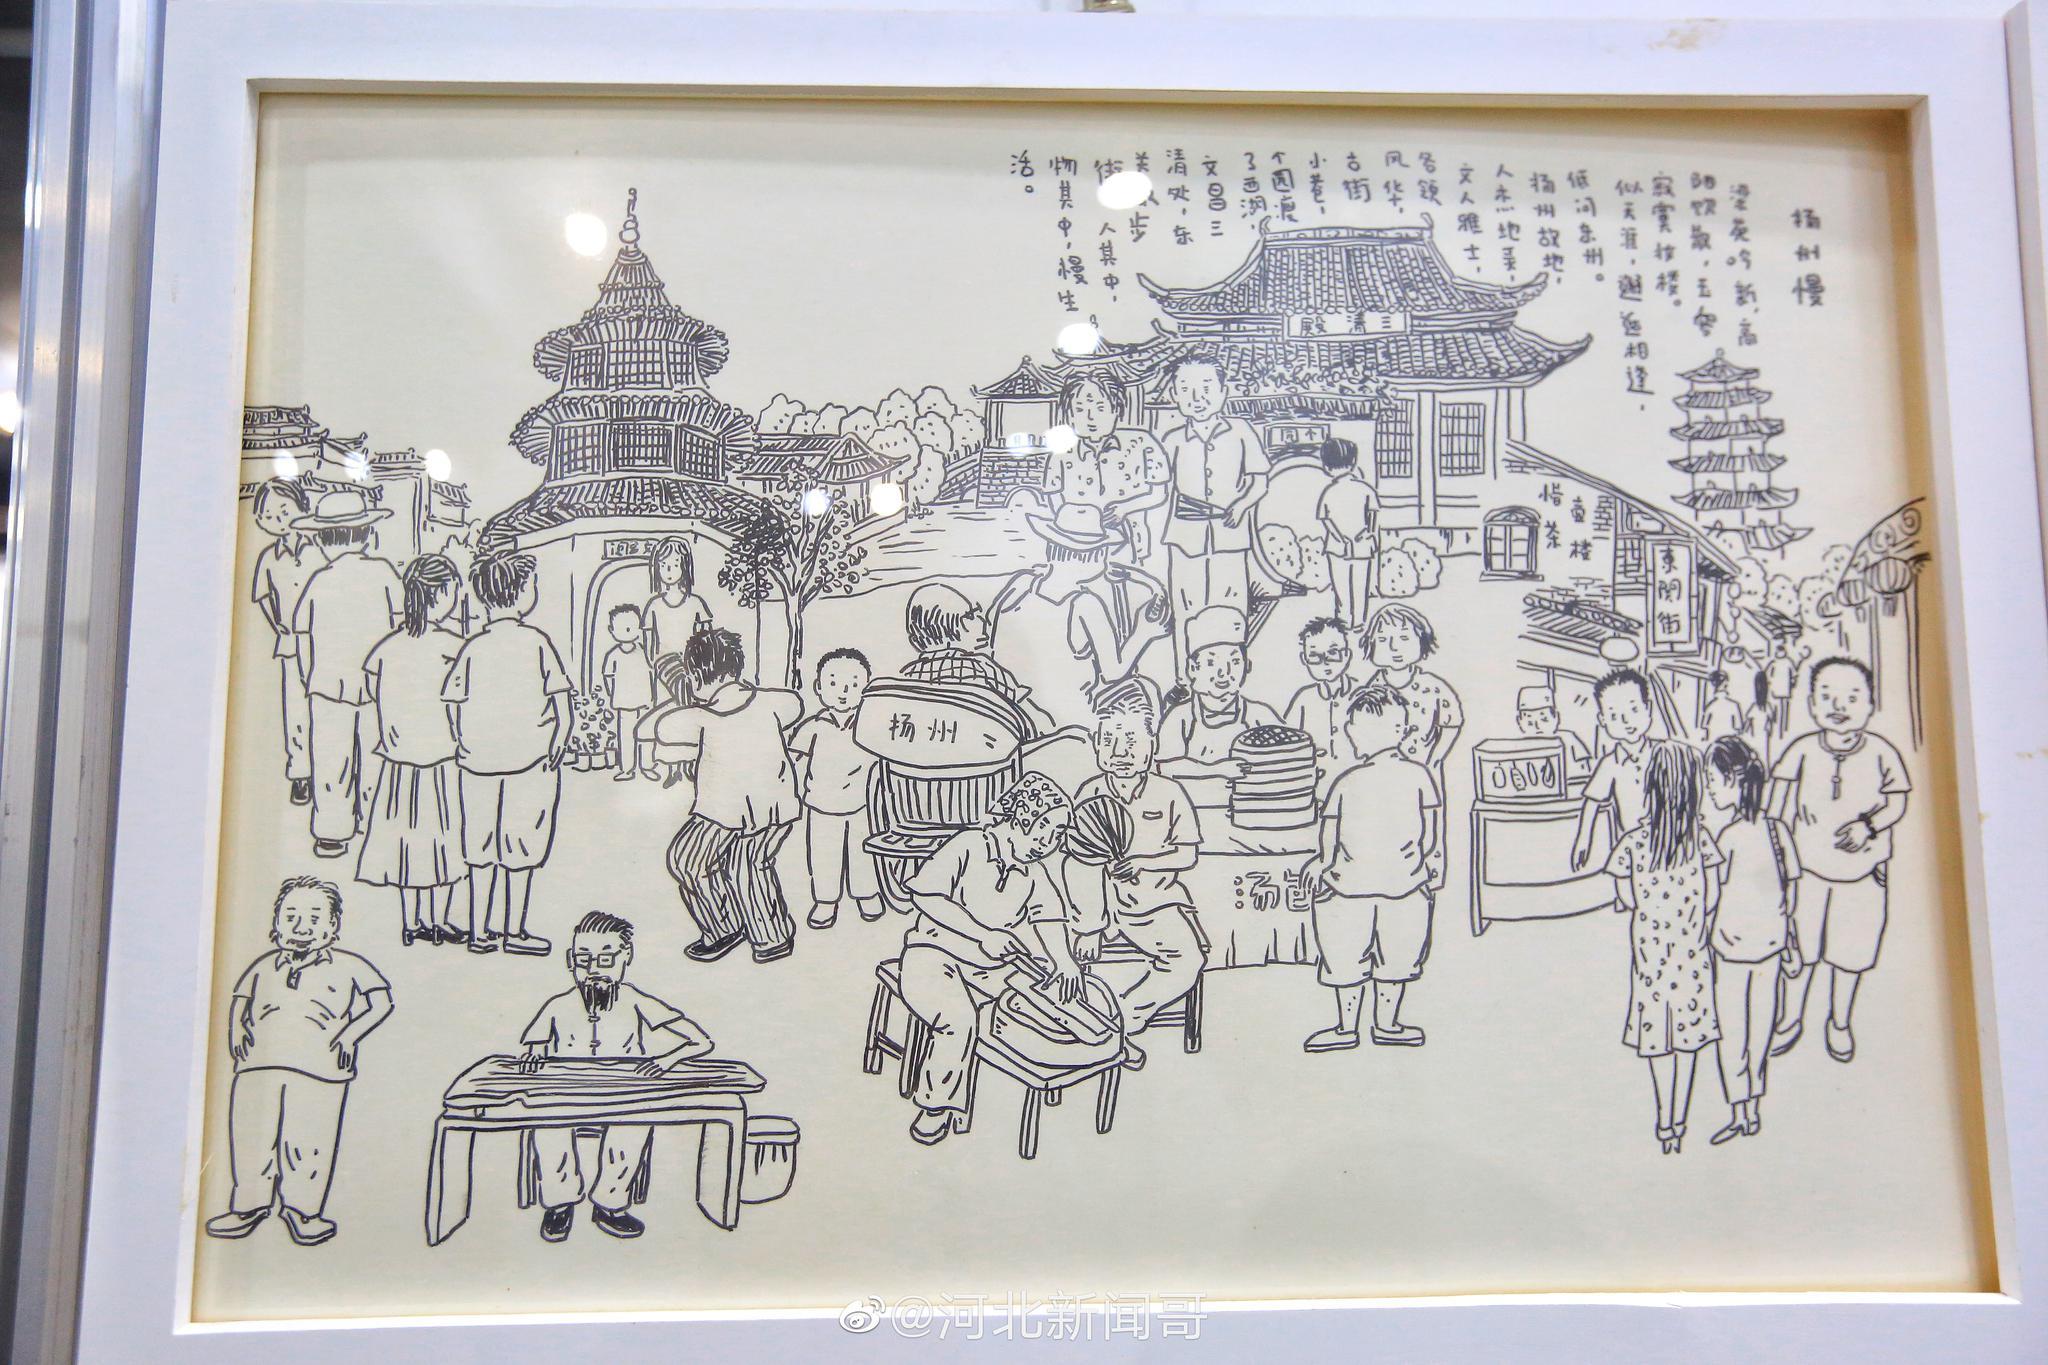 7月14号,榆木先生漫画展在邯郸曲周县博物馆展出。据了解